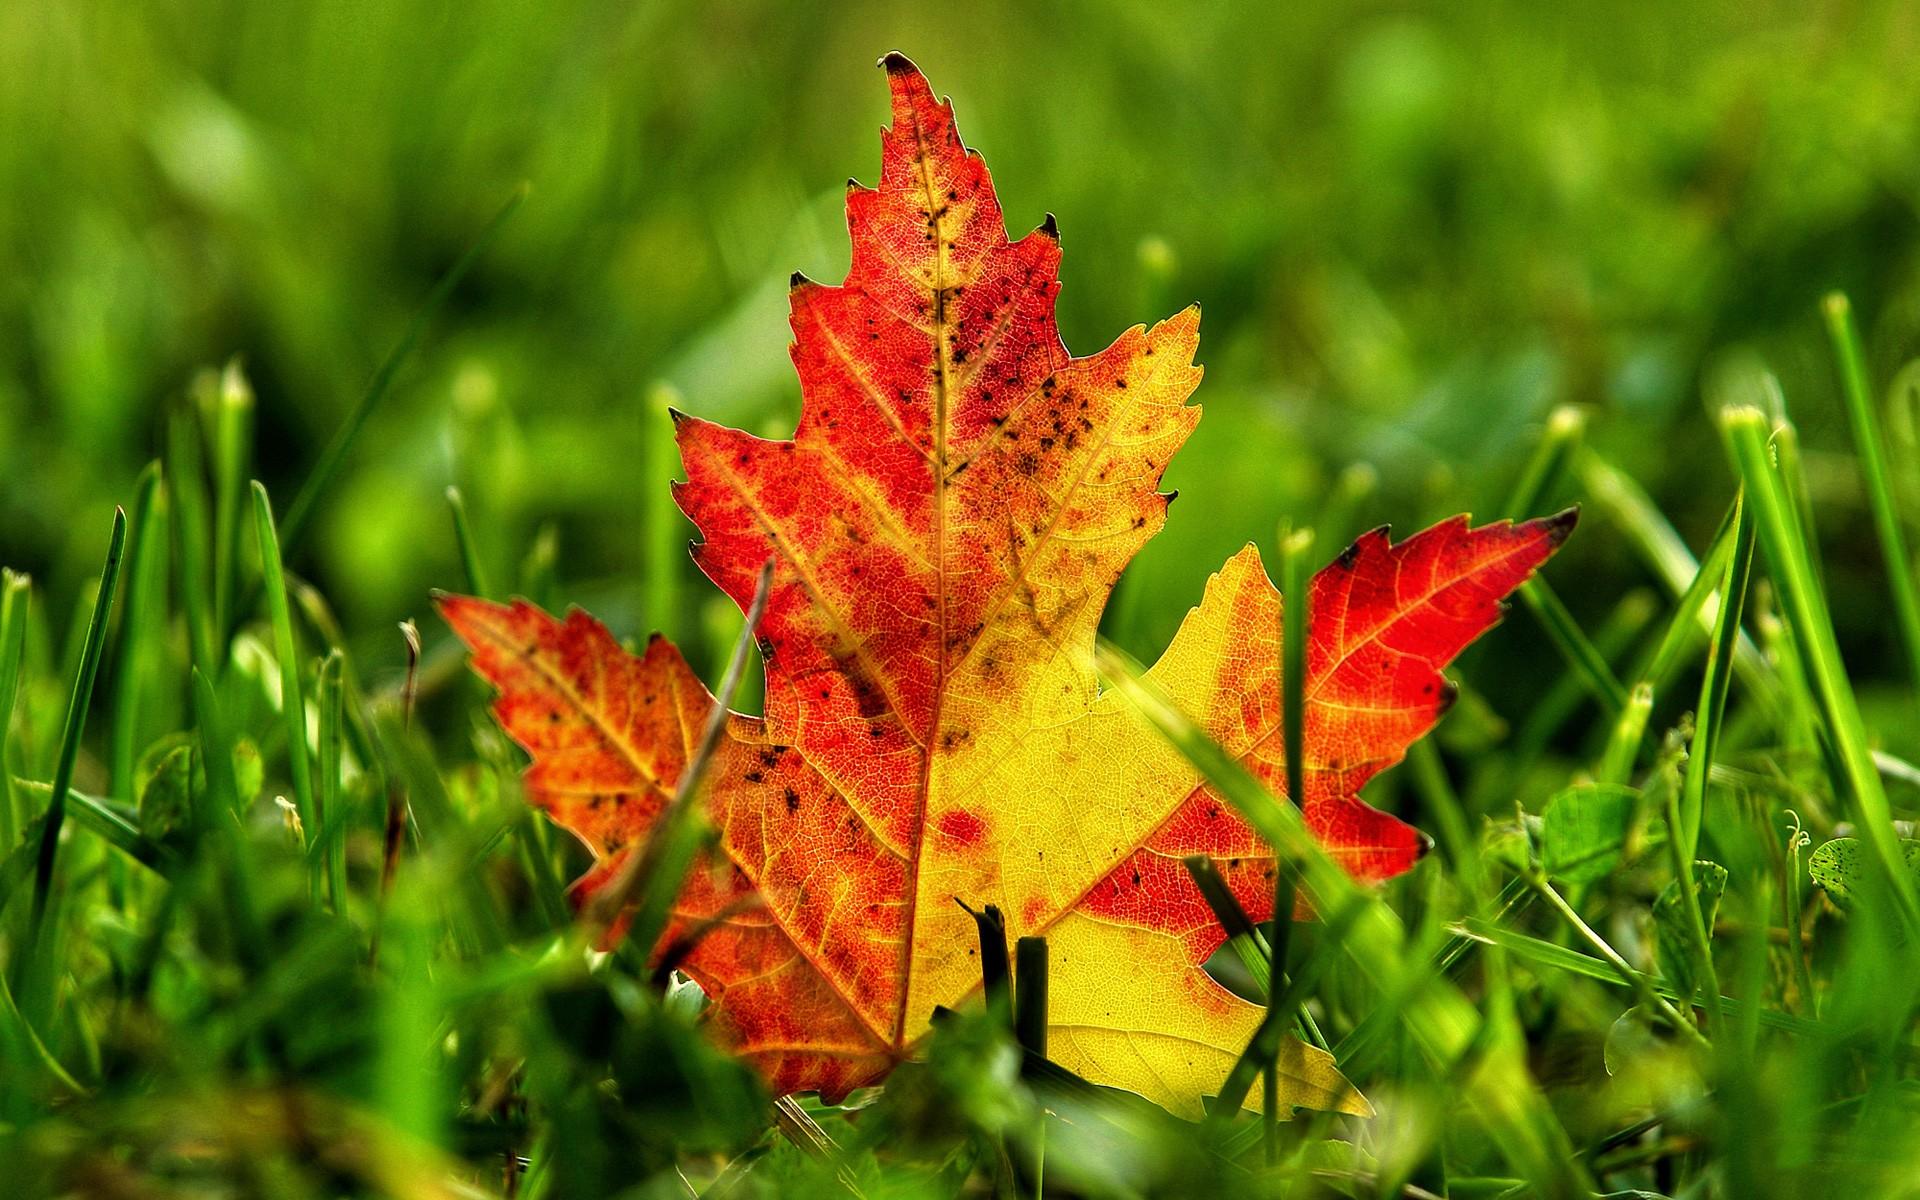 желто-карсный кленовый лист на фоне зеленой травы, скачать фото, обои для рабочего стола, осень